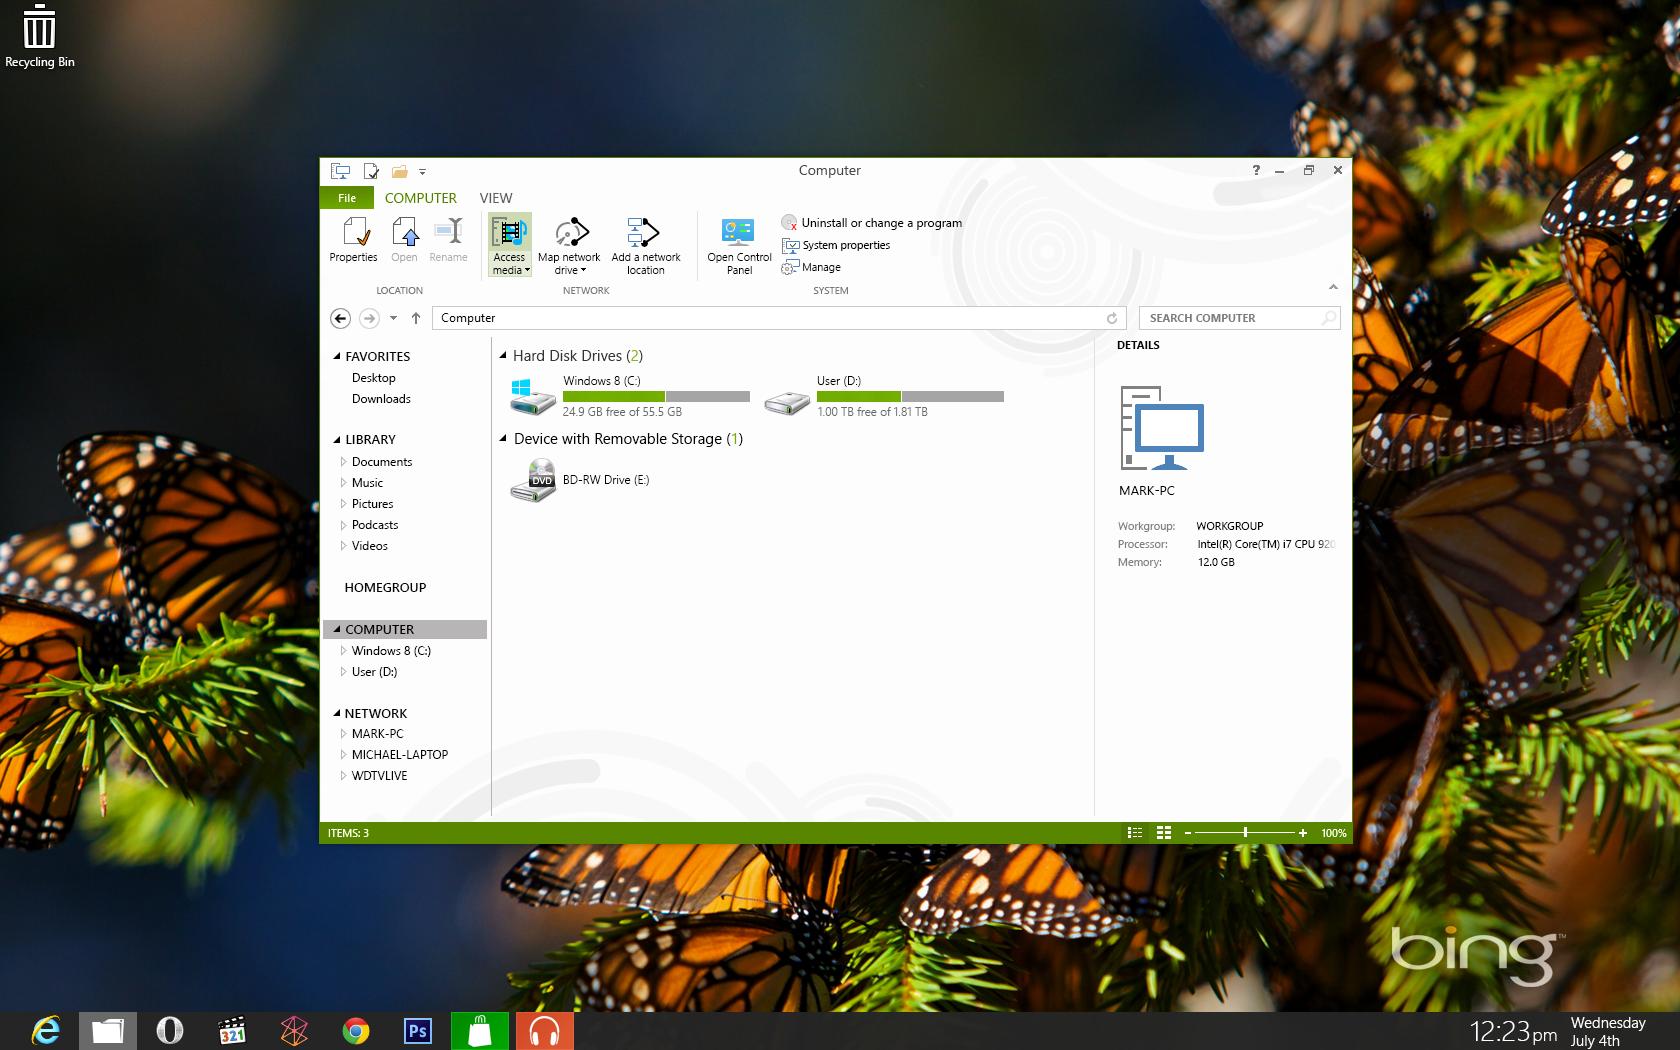 windows_8_desktop_concept___alternate_accent_color_by_myownfriend-d56lvs4.png